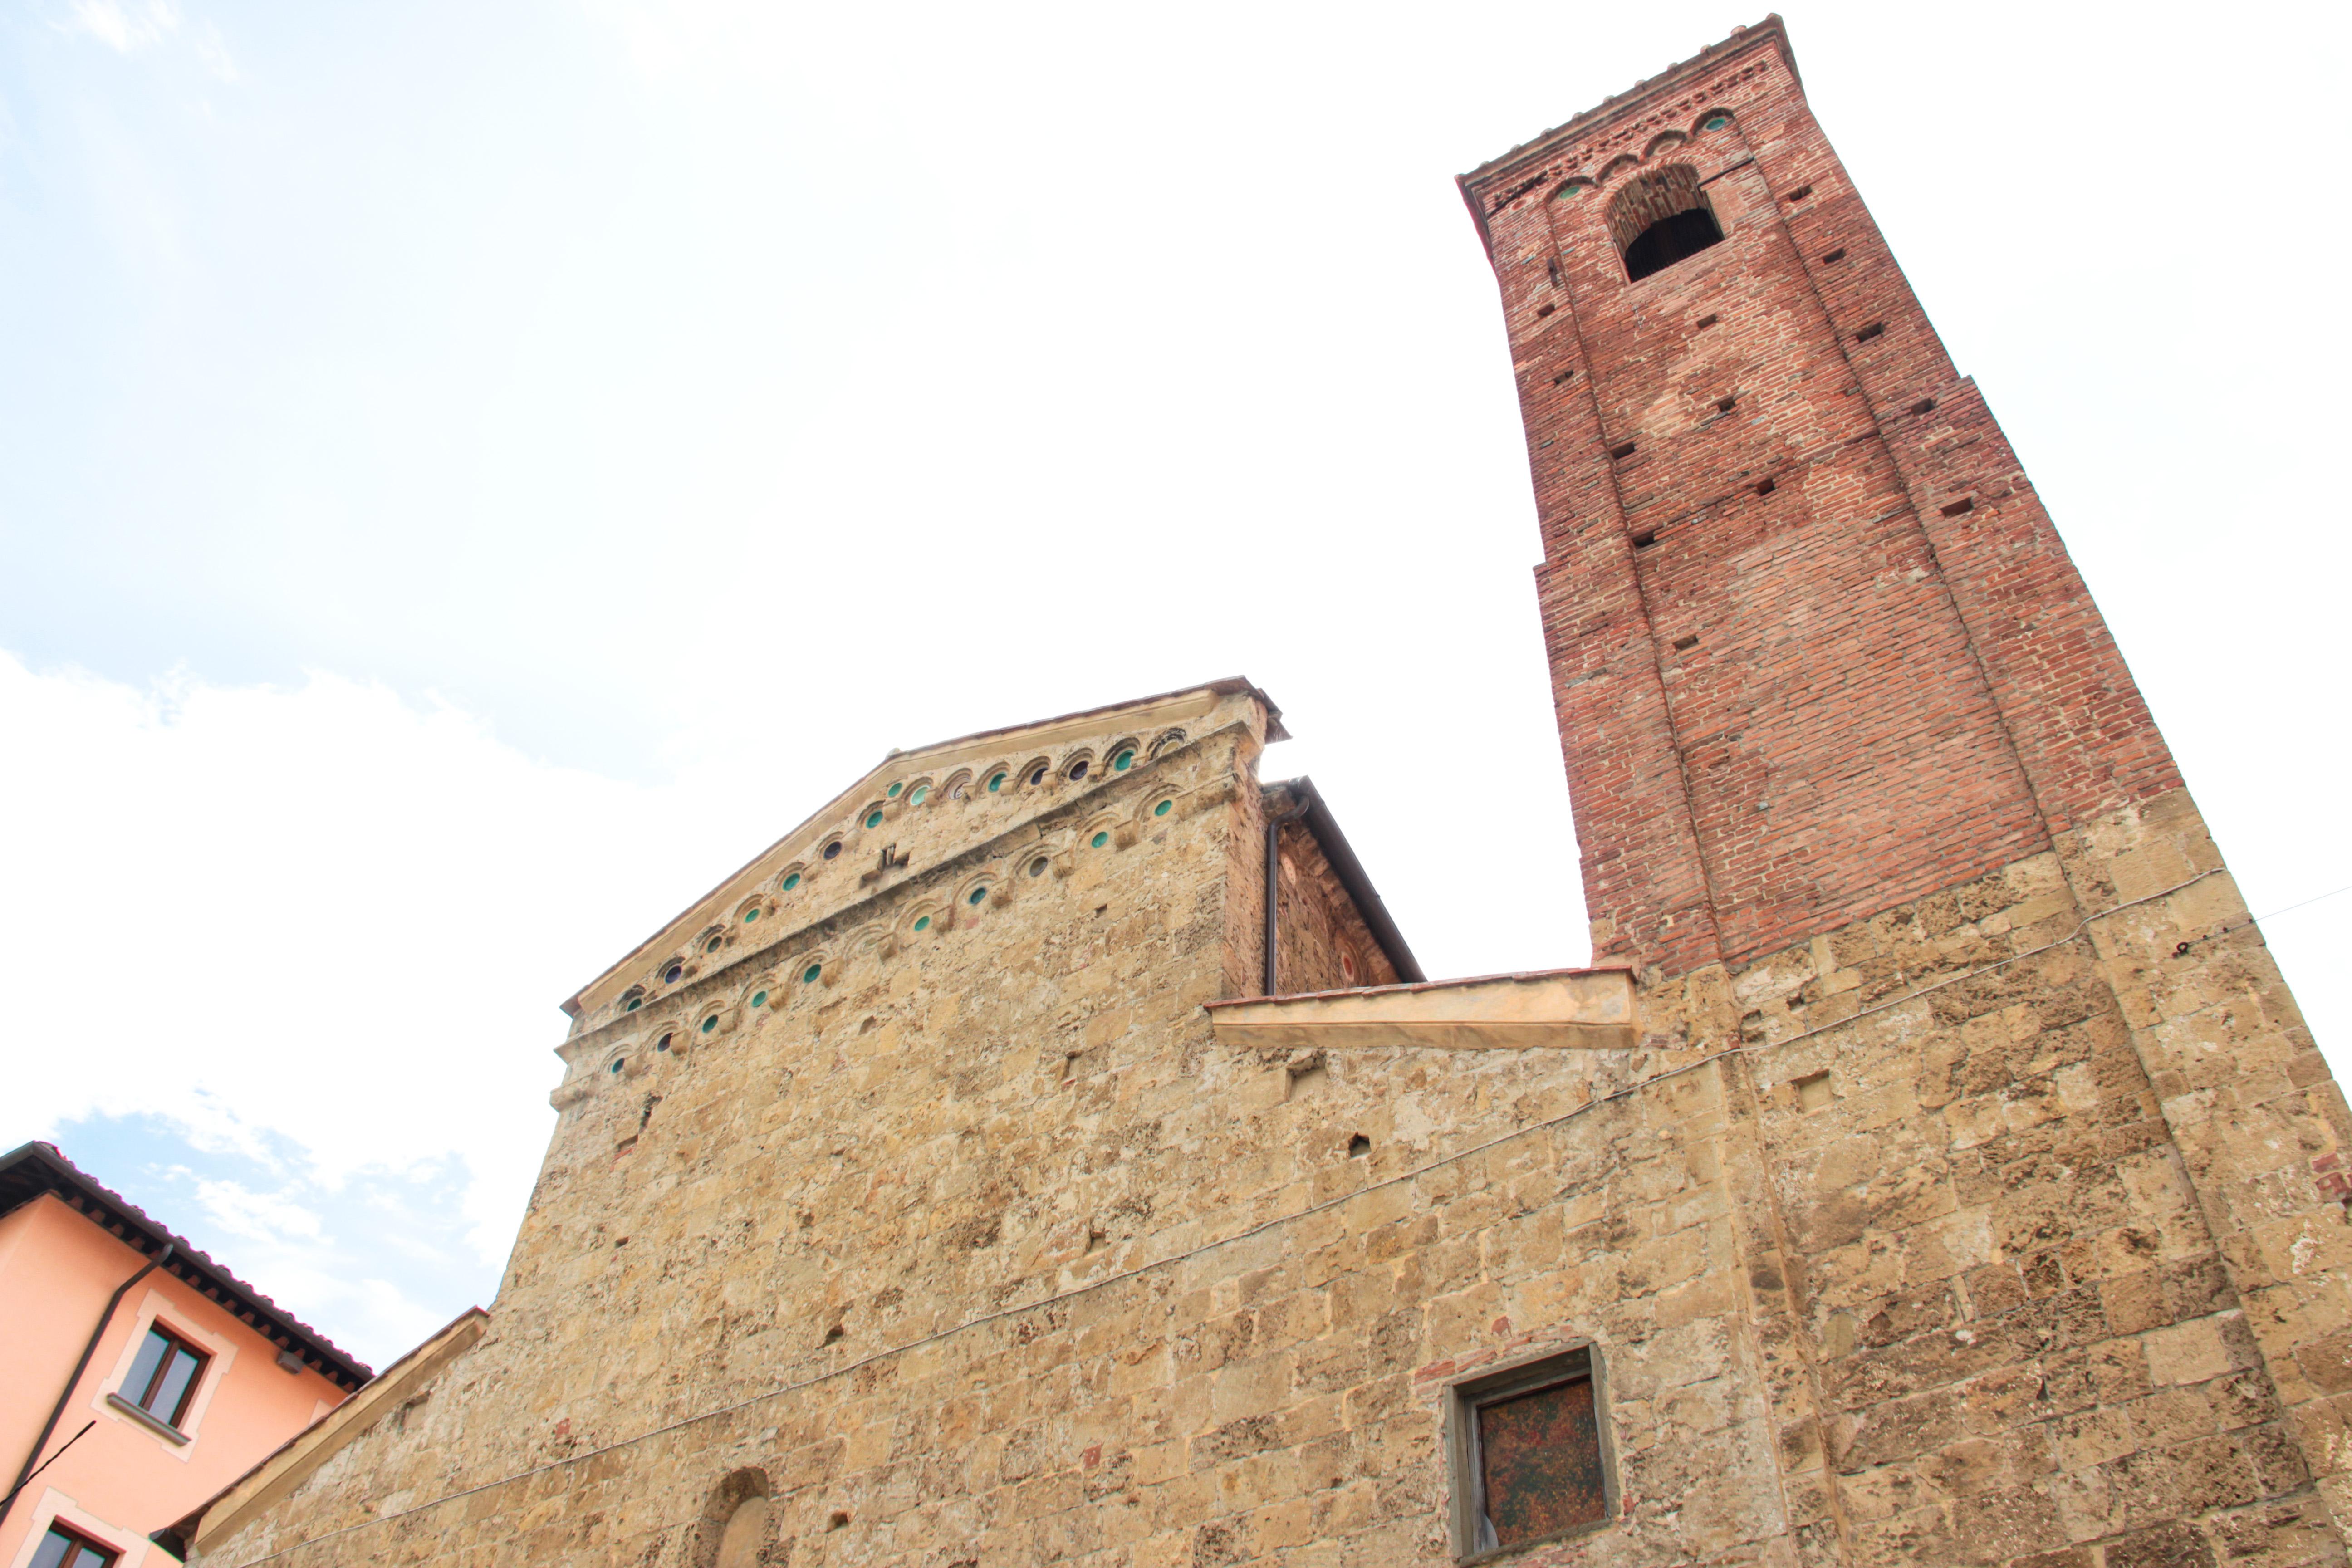 Chiesa di Sant'Andrea in Foriporta (G. Bettini, Comune di Pisa)